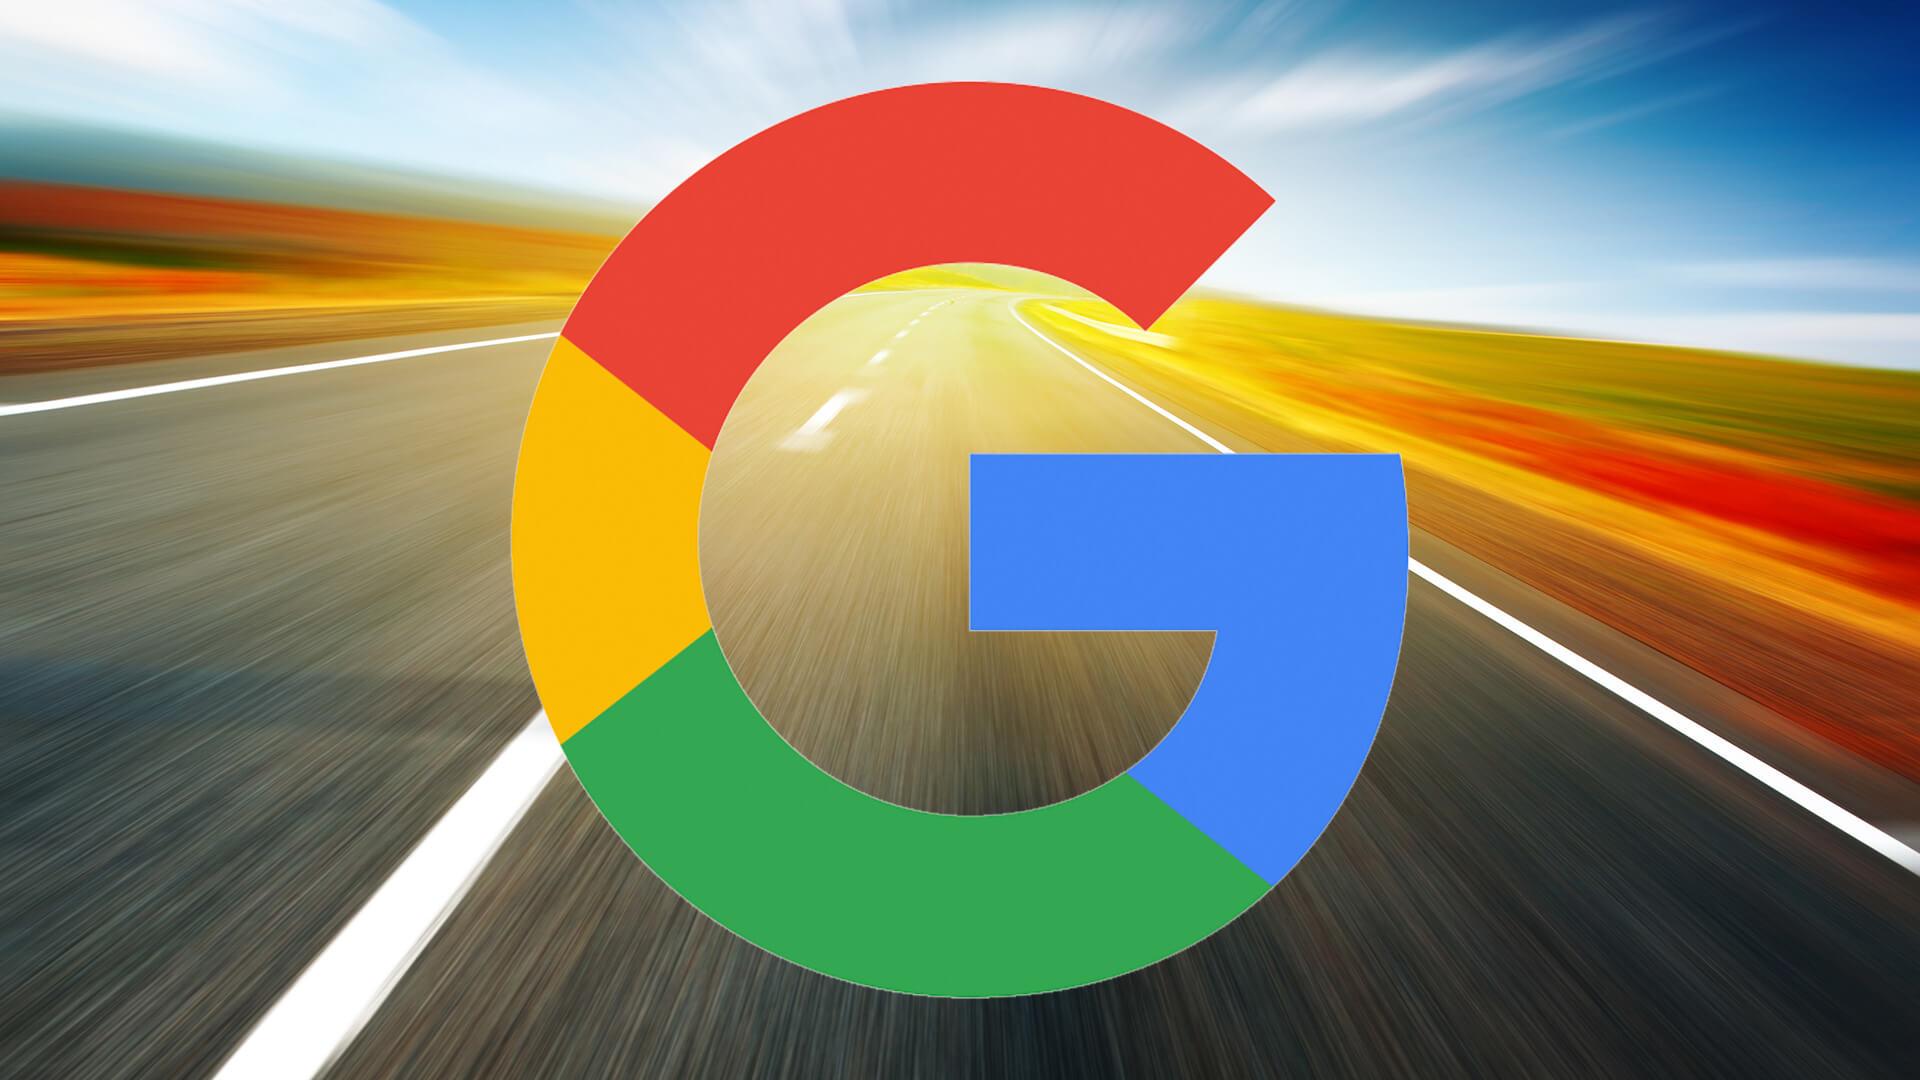 جوجل تواجه عقوبة مالية بسبب إنتهاكاها لأندرويد | بوابة الموبايلات